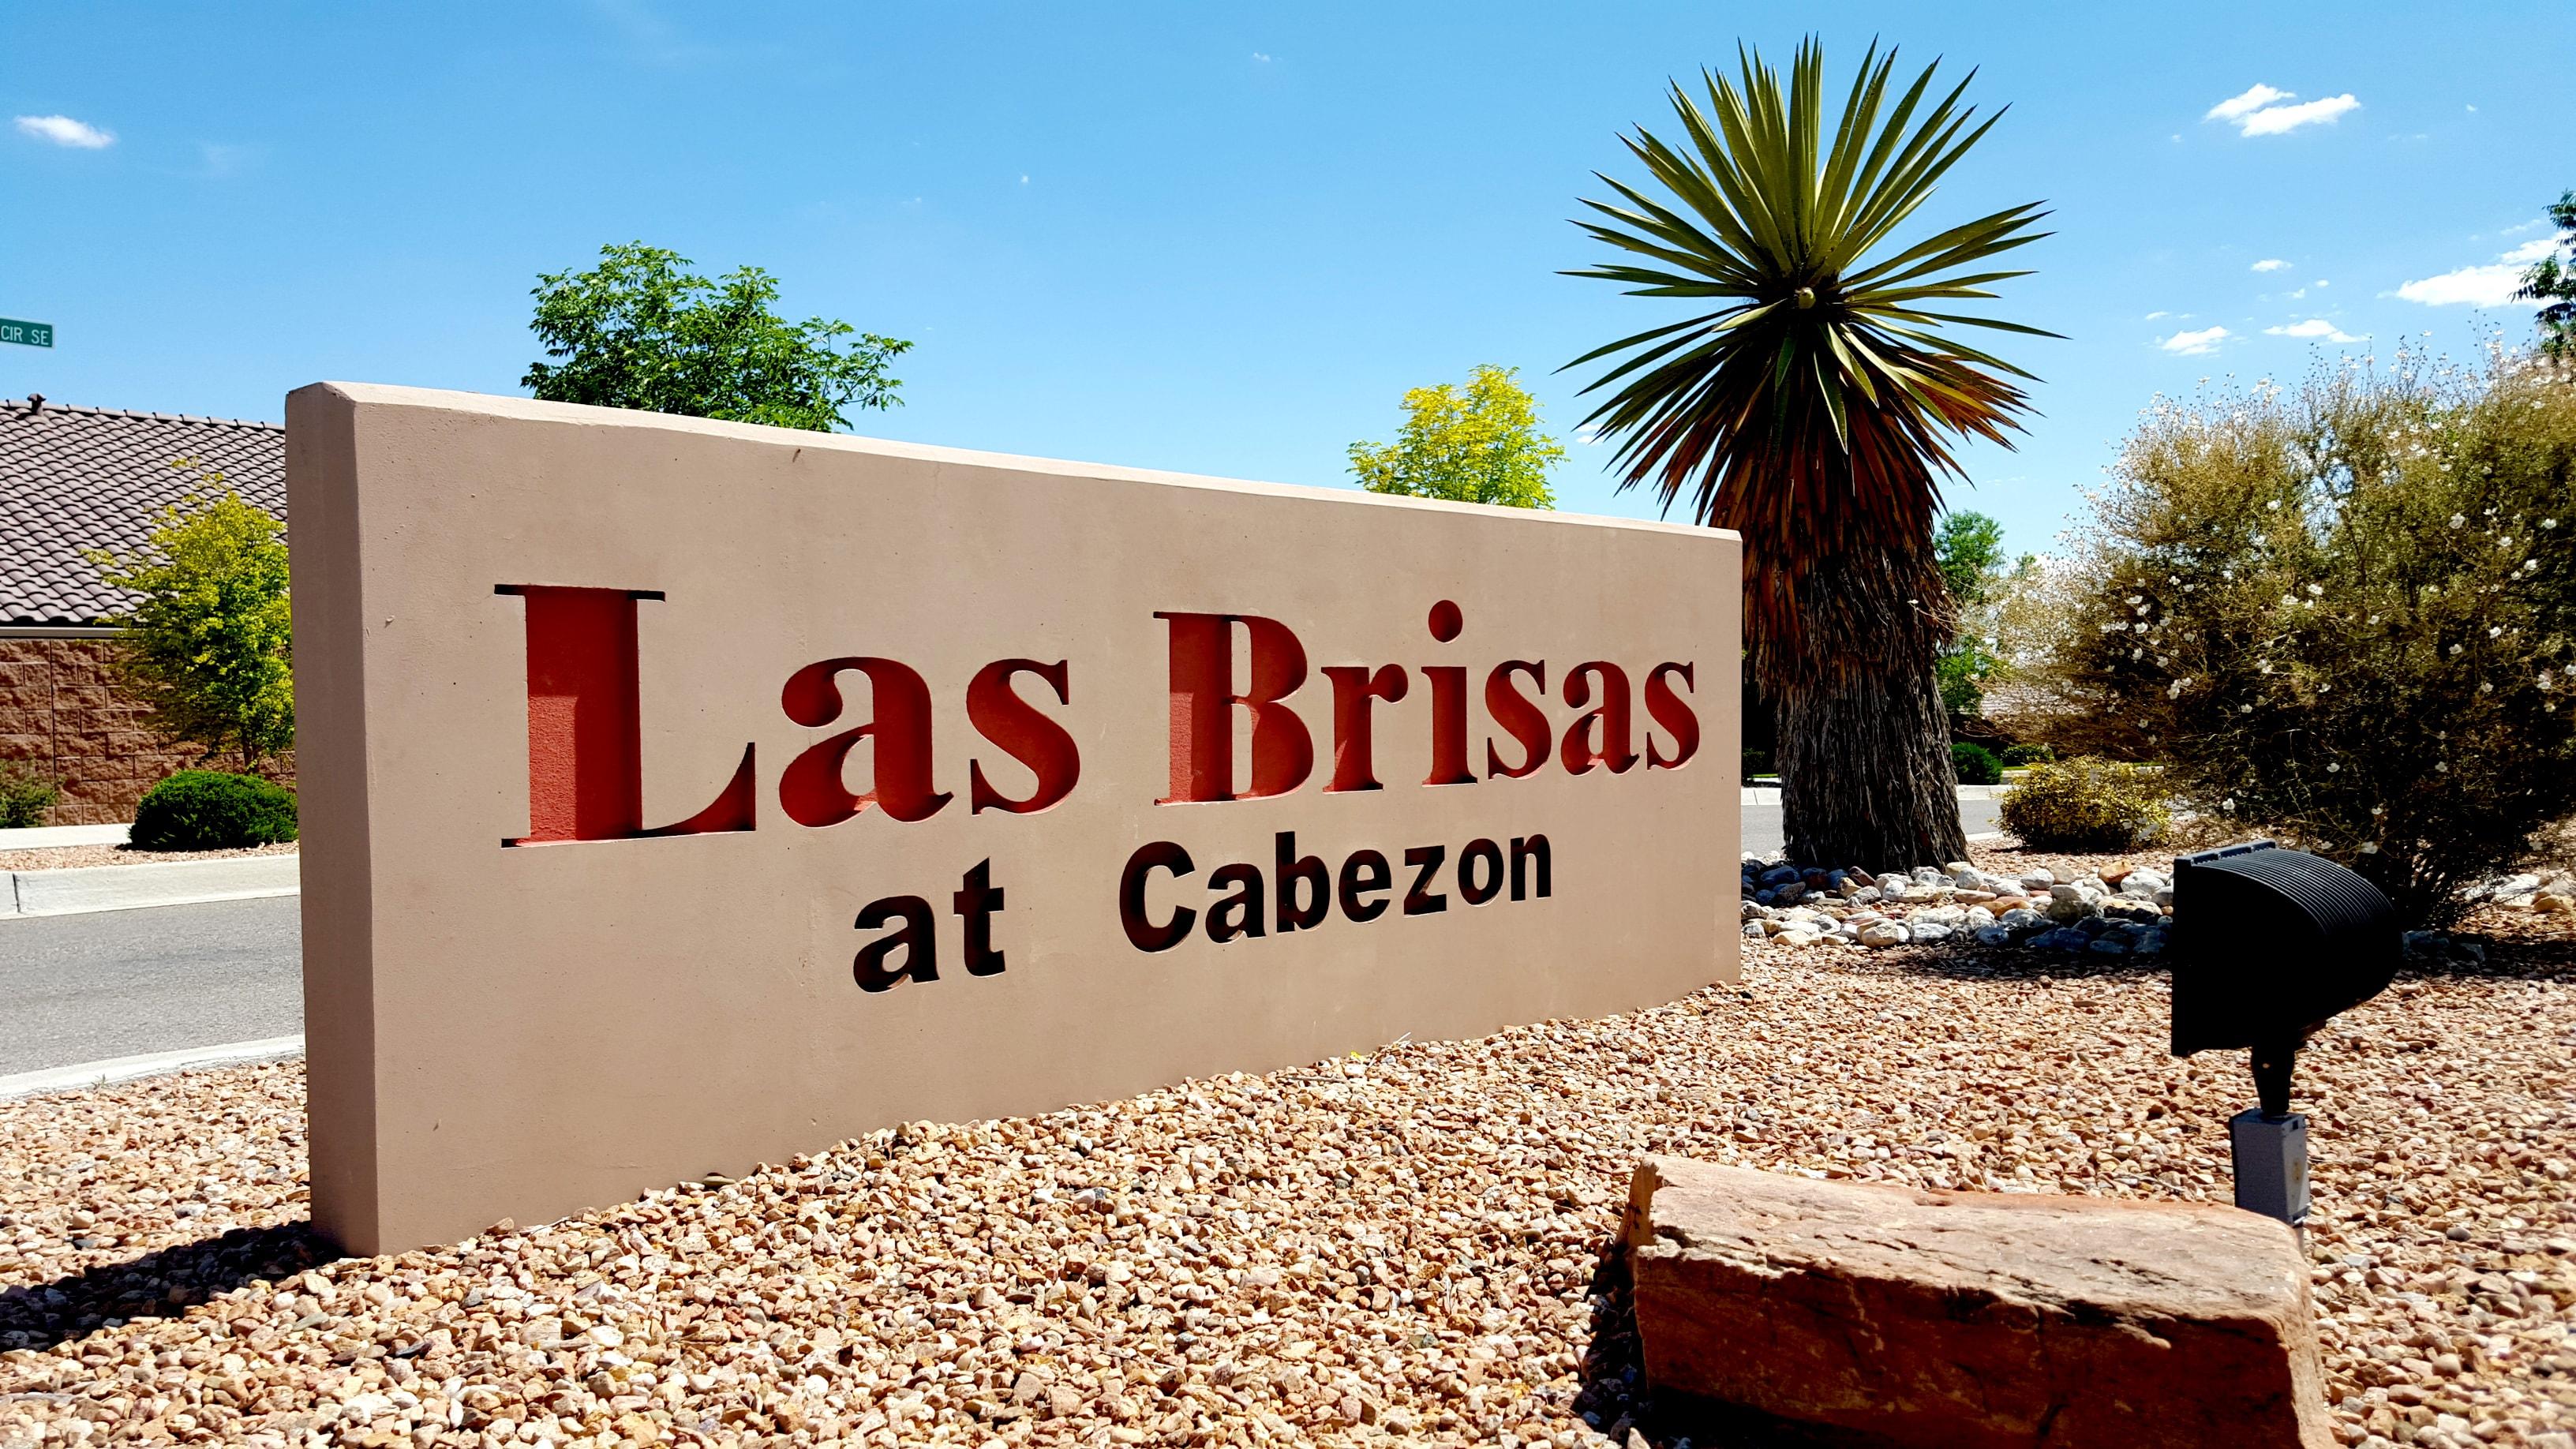 Las Brisas Cabezon Neighborhood